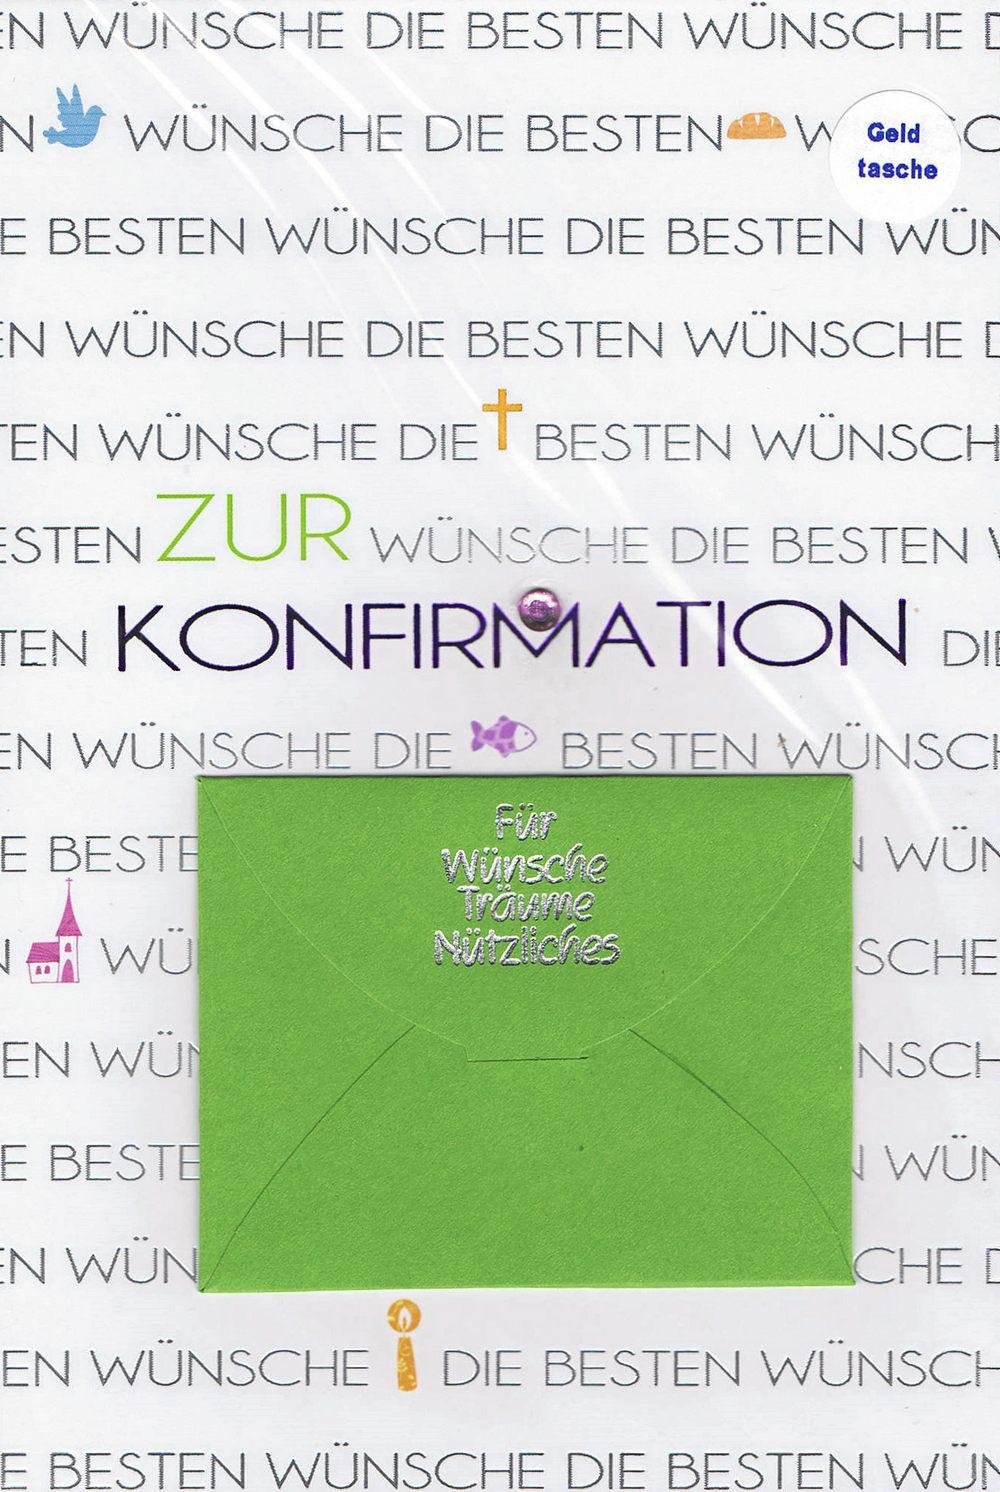 Glückwunschkarte zur Konfirmation - mit Geldtasche